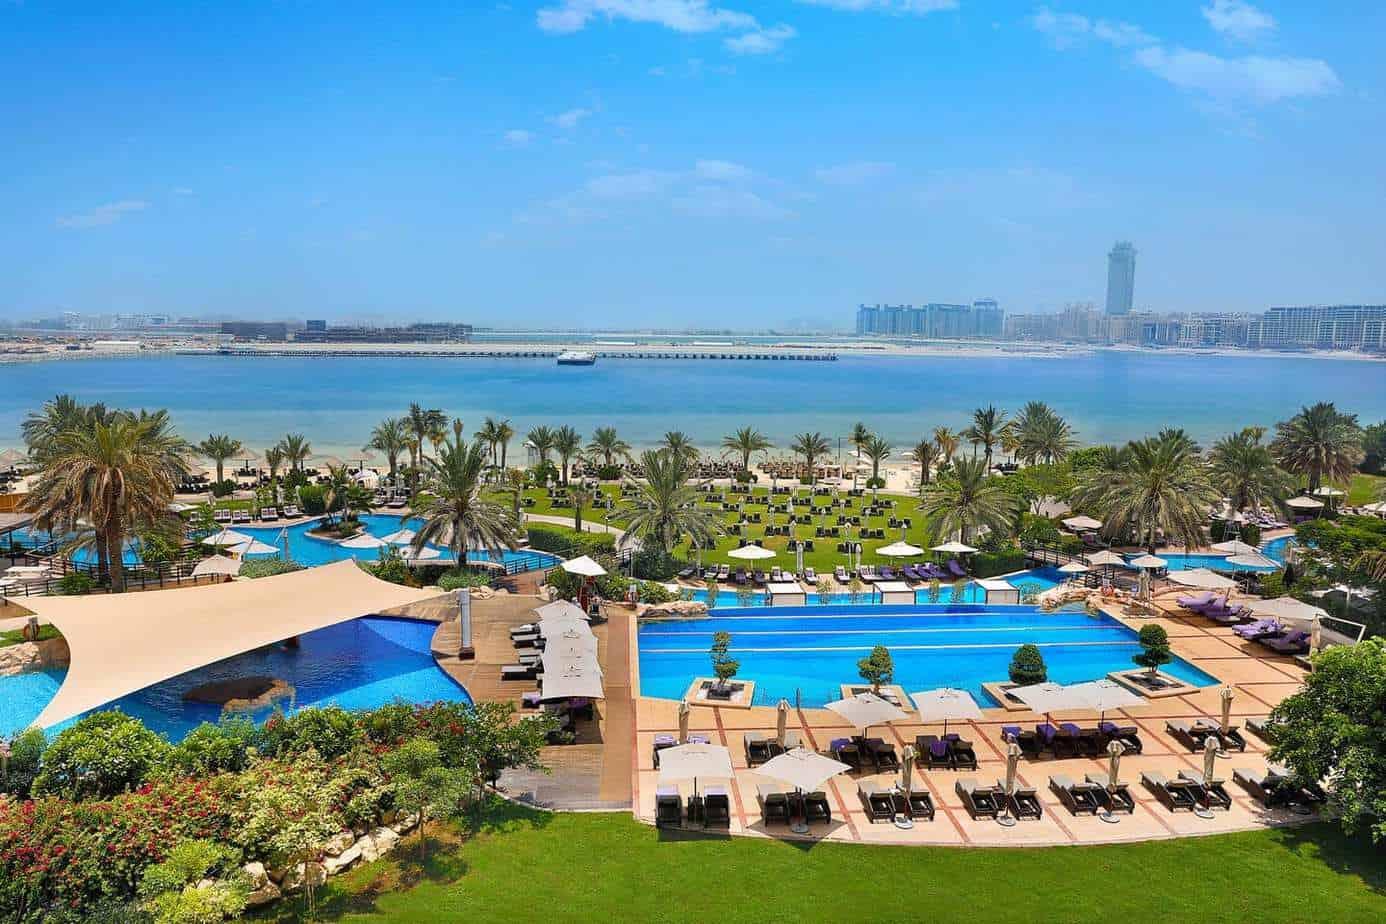 מלונות מומלצים בדובאי למשפחות - The Westin Dubai Mina Seyahi Beach Resort & Marina